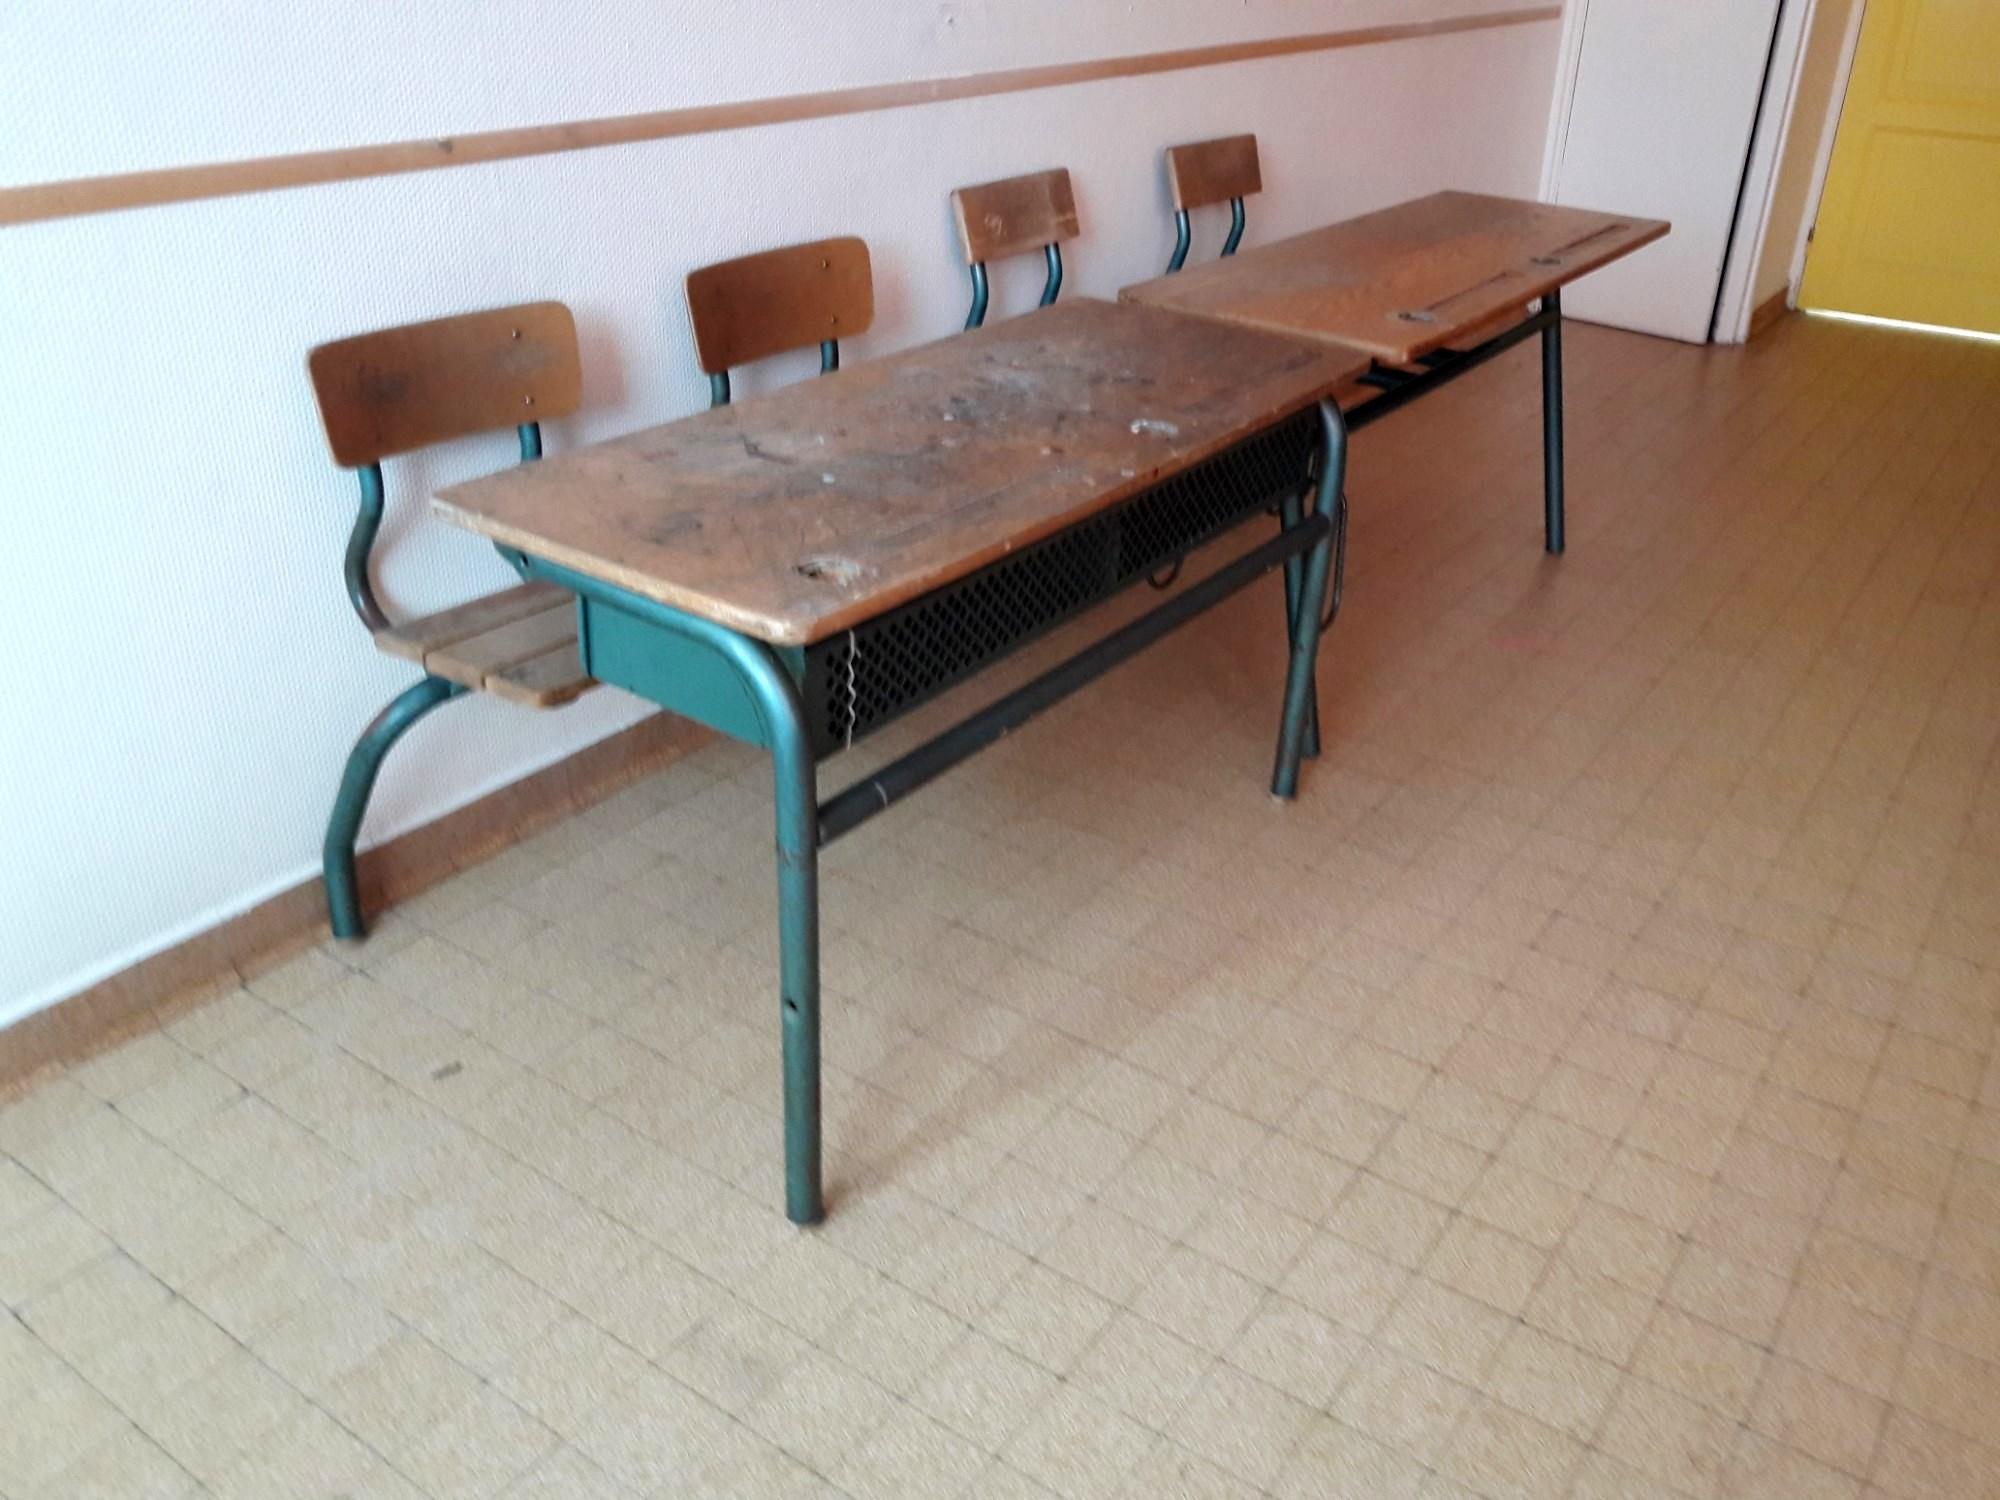 lot de 2 tables d 39 colier bois mobilier scolaire d 39 occasion aux ench res agorastore. Black Bedroom Furniture Sets. Home Design Ideas